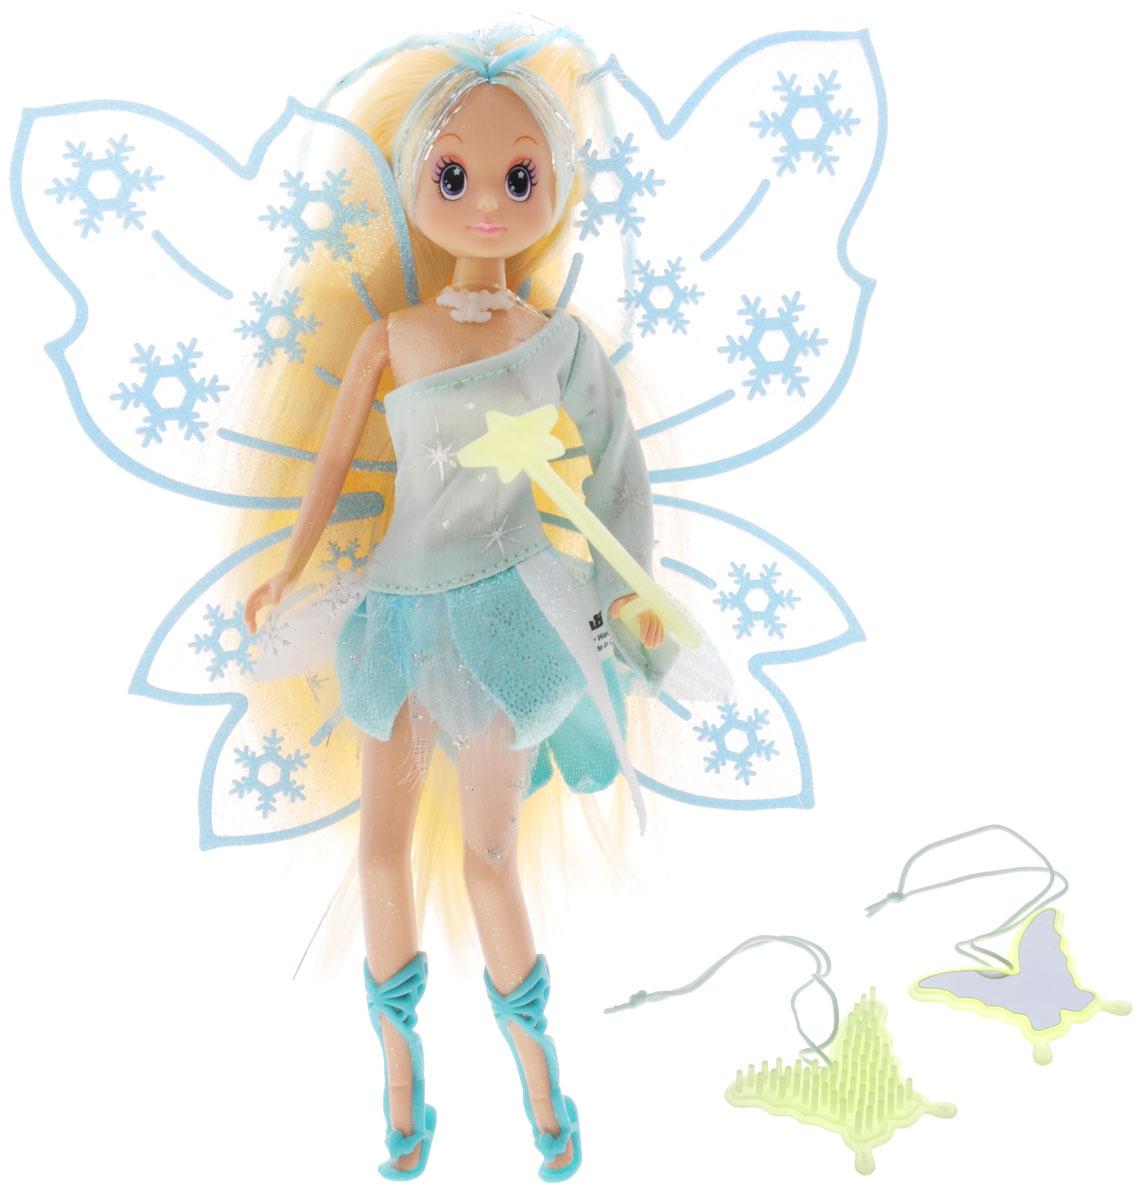 Simba Кукла Зимняя фея цвет платья голубой5519054_голубойКукла Simba Зимняя фея непременно приведет в восторг вашу малышку и обязательно станет ее любимой игрушкой. Очаровательная куколка выполнена из прочного пластика, ее тело покрыто сверкающими блестками. Кукла одета в блестящее голубое платье с рюшами, а на ногах у нее - изящные сандалии. Длинные белые волосы куклы можно заплетать и расчесывать. В руках у феи - светящаяся в темноте волшебная палочка, а за спиной - большие сверкающие крылья. Также в комплект входит светящаяся в темноте расческа в виде бабочки и безопасное зеркало. Руки, ноги и голова куклы подвижны, благодаря чему ей можно придавать различные позы. Благодаря играм с куклой, ваша малышка сможет развить фантазию и любознательность, овладеть навыками общения и научиться ответственности.